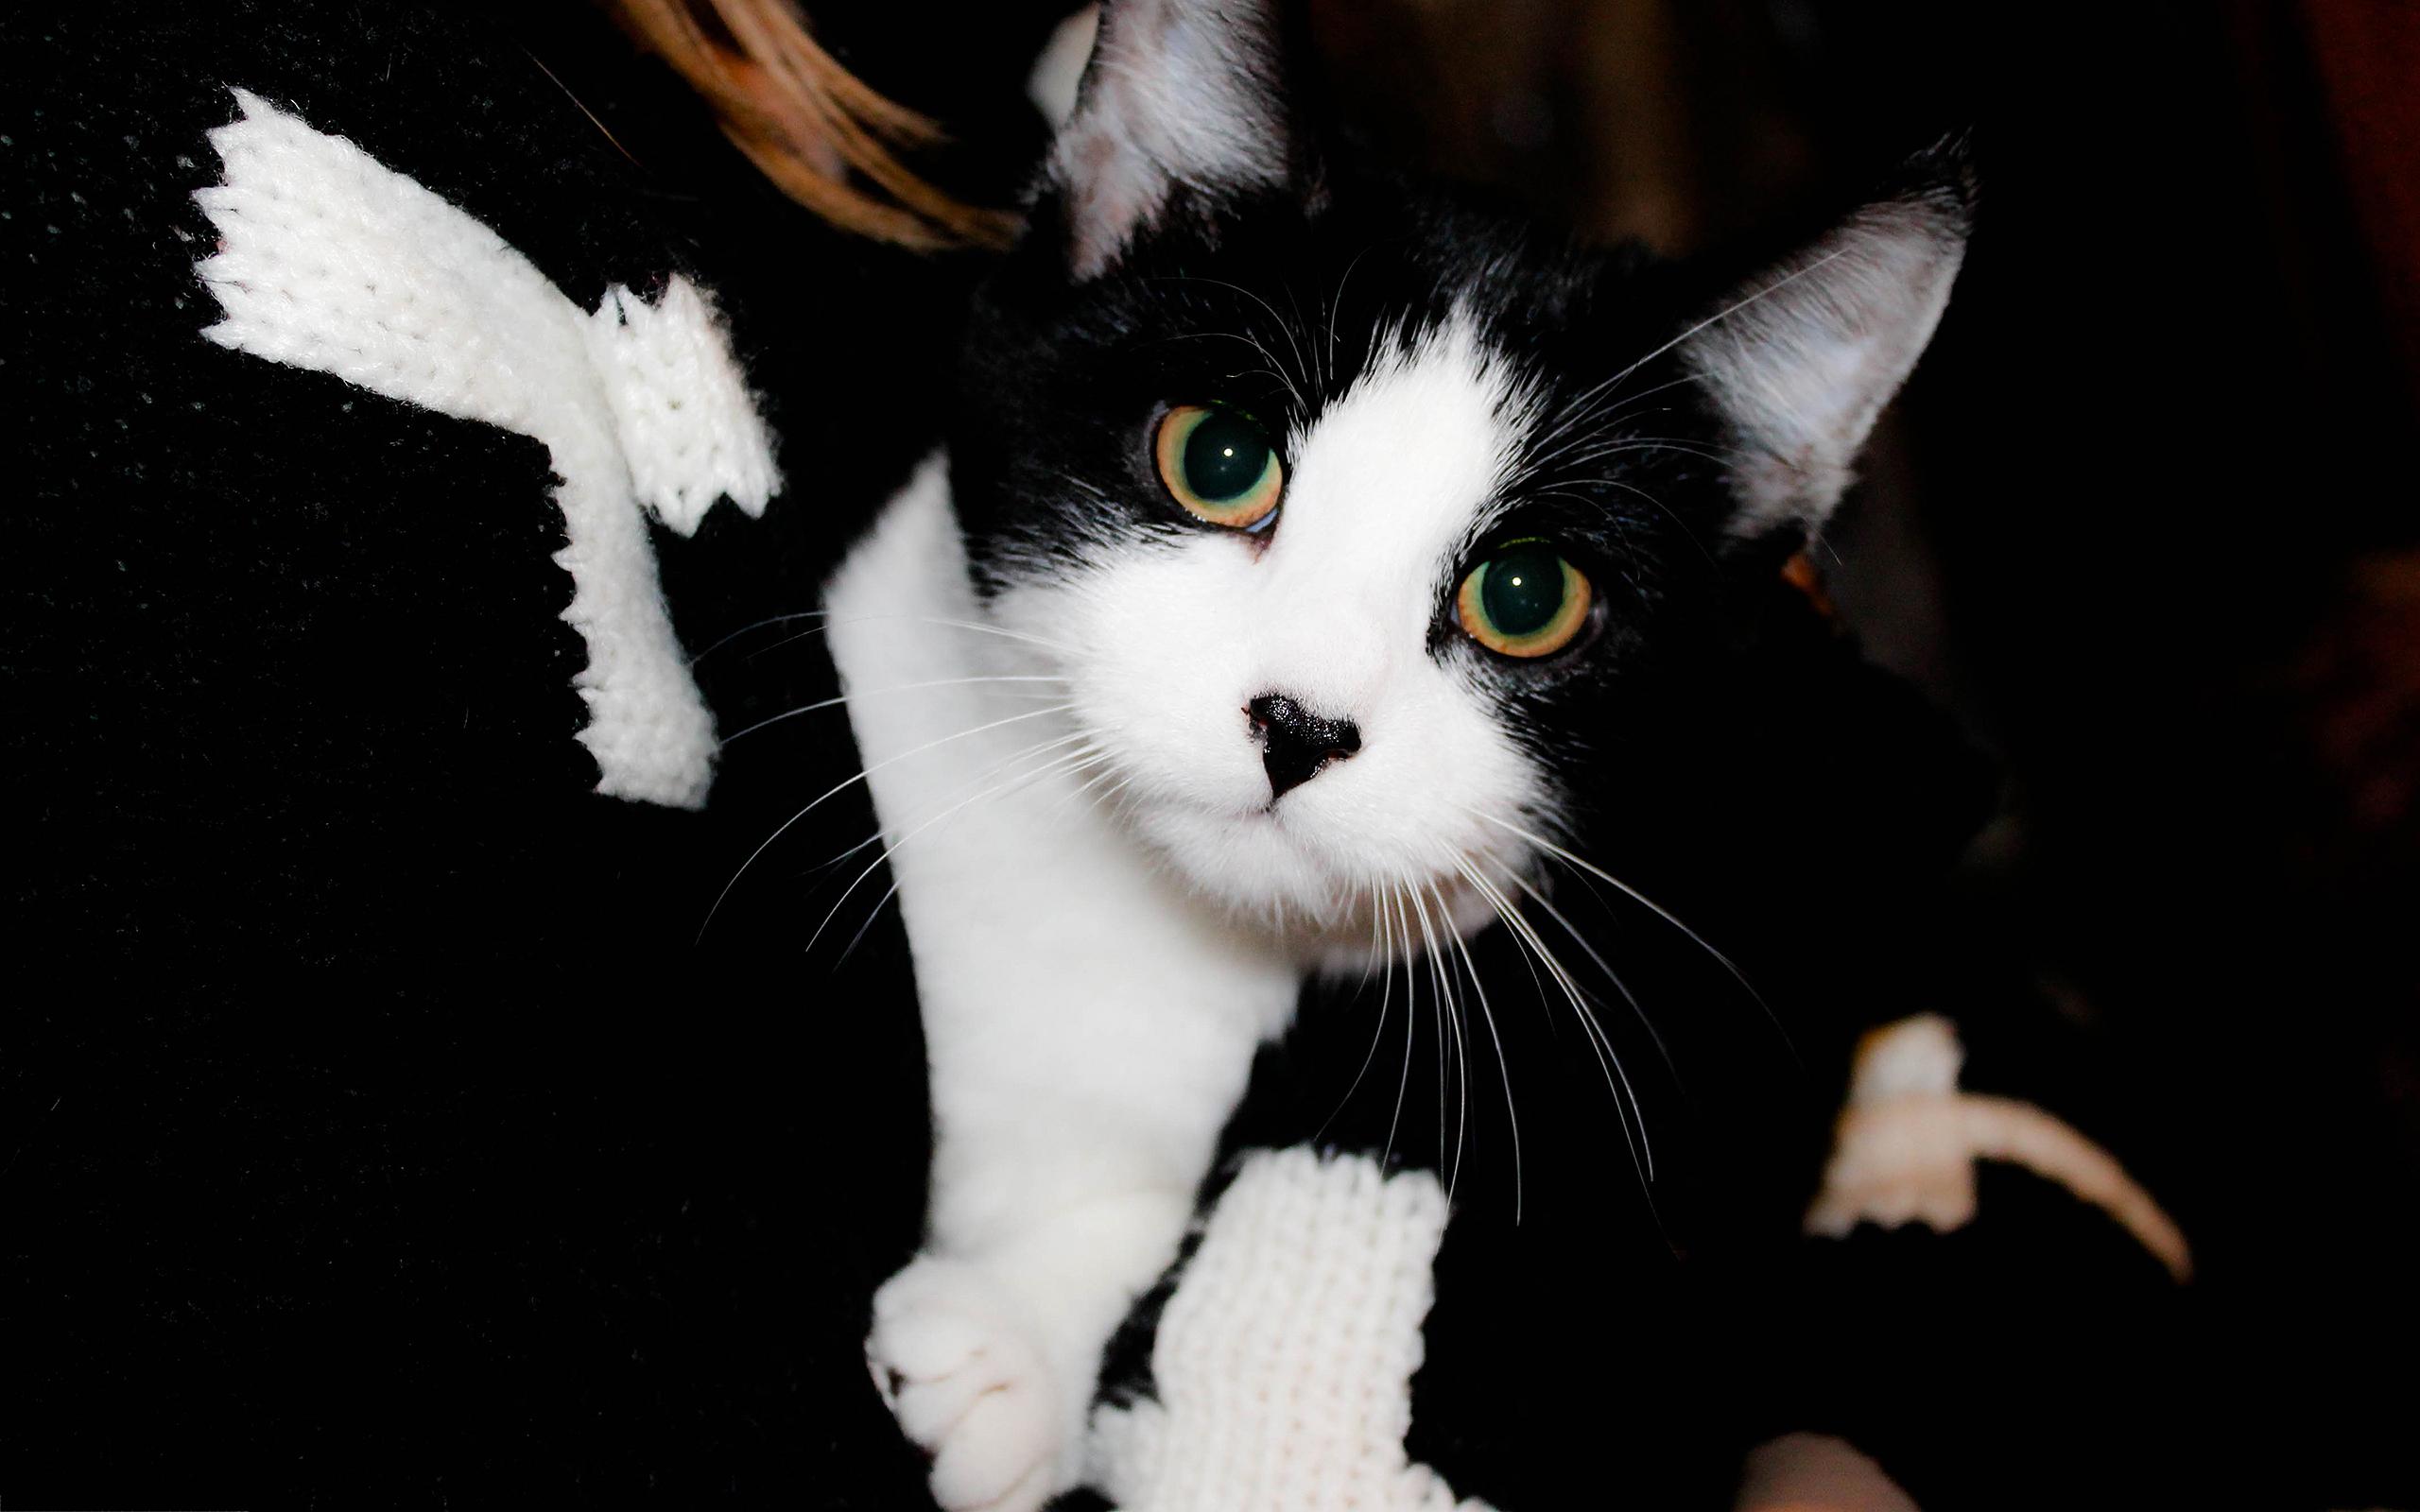 Cute Black White Cat Black White Cat Cute 445527 Hd Wallpaper Backgrounds Download